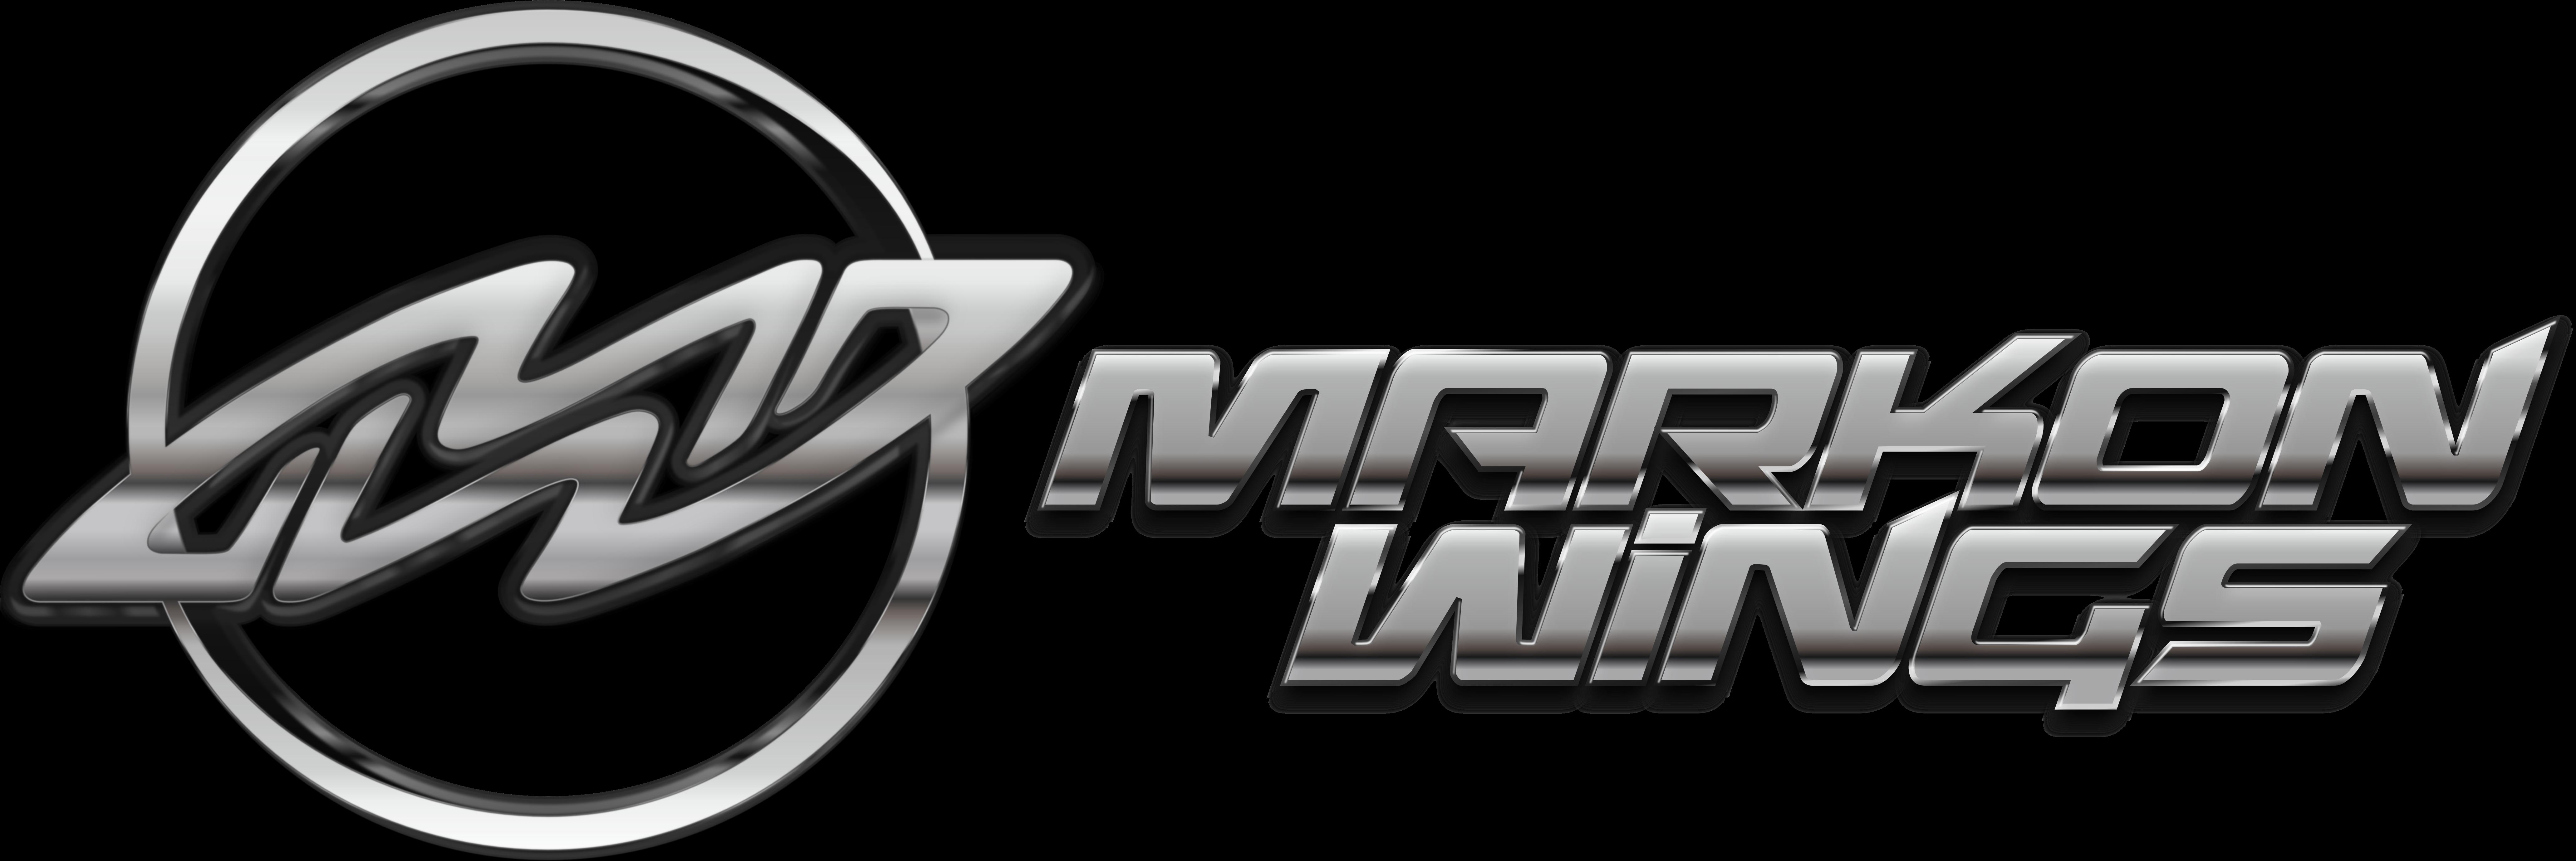 Markon Wings Logo+Title